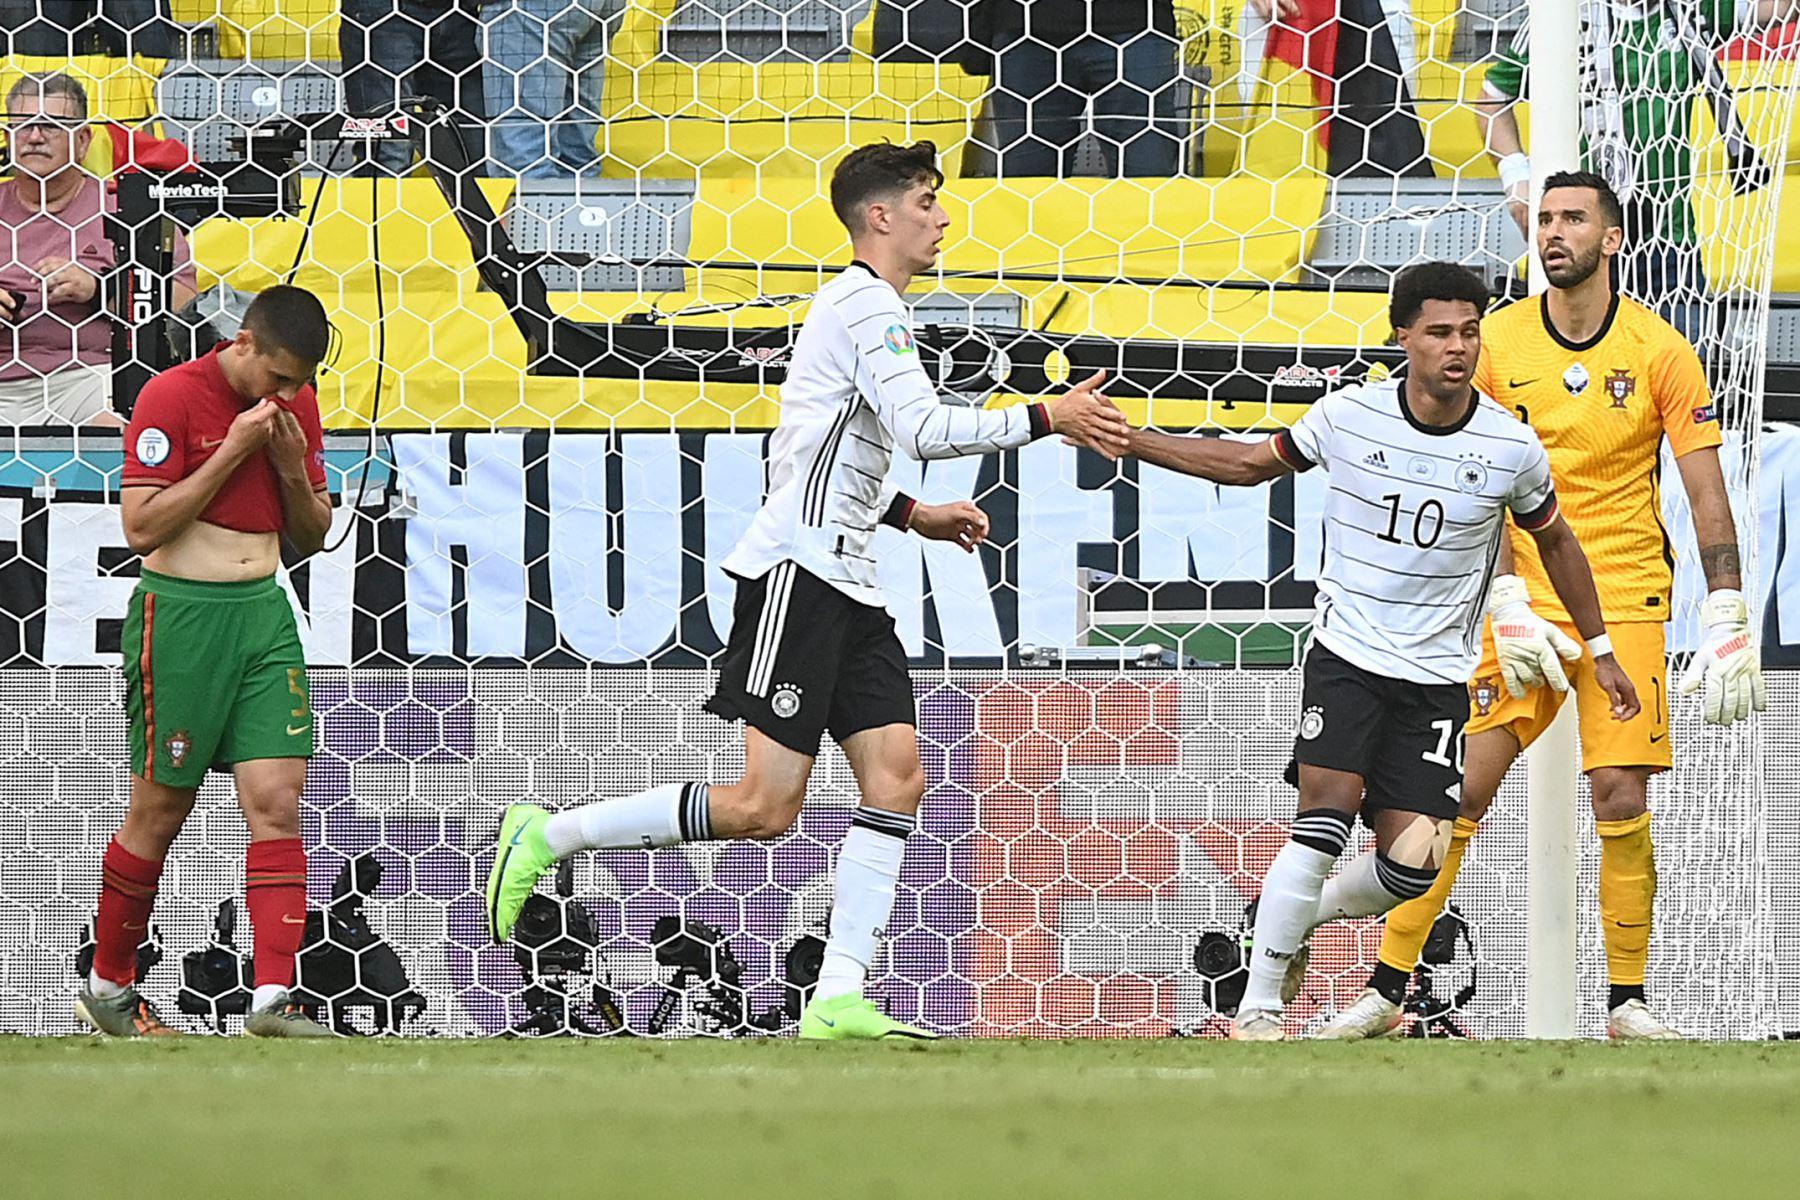 El centrocampista alemán Serge Gnabry celebra su segundo gol, un gol en propia meta anotado por el defensor de Portugal Raphael Guerreiro con el delantero alemán Kai Havertz  durante el partido de fútbol del Grupo F de la UEFA EURO 2020 entre Portugal y Alemania en el Allianz Arena en Munich. Foto: AFP